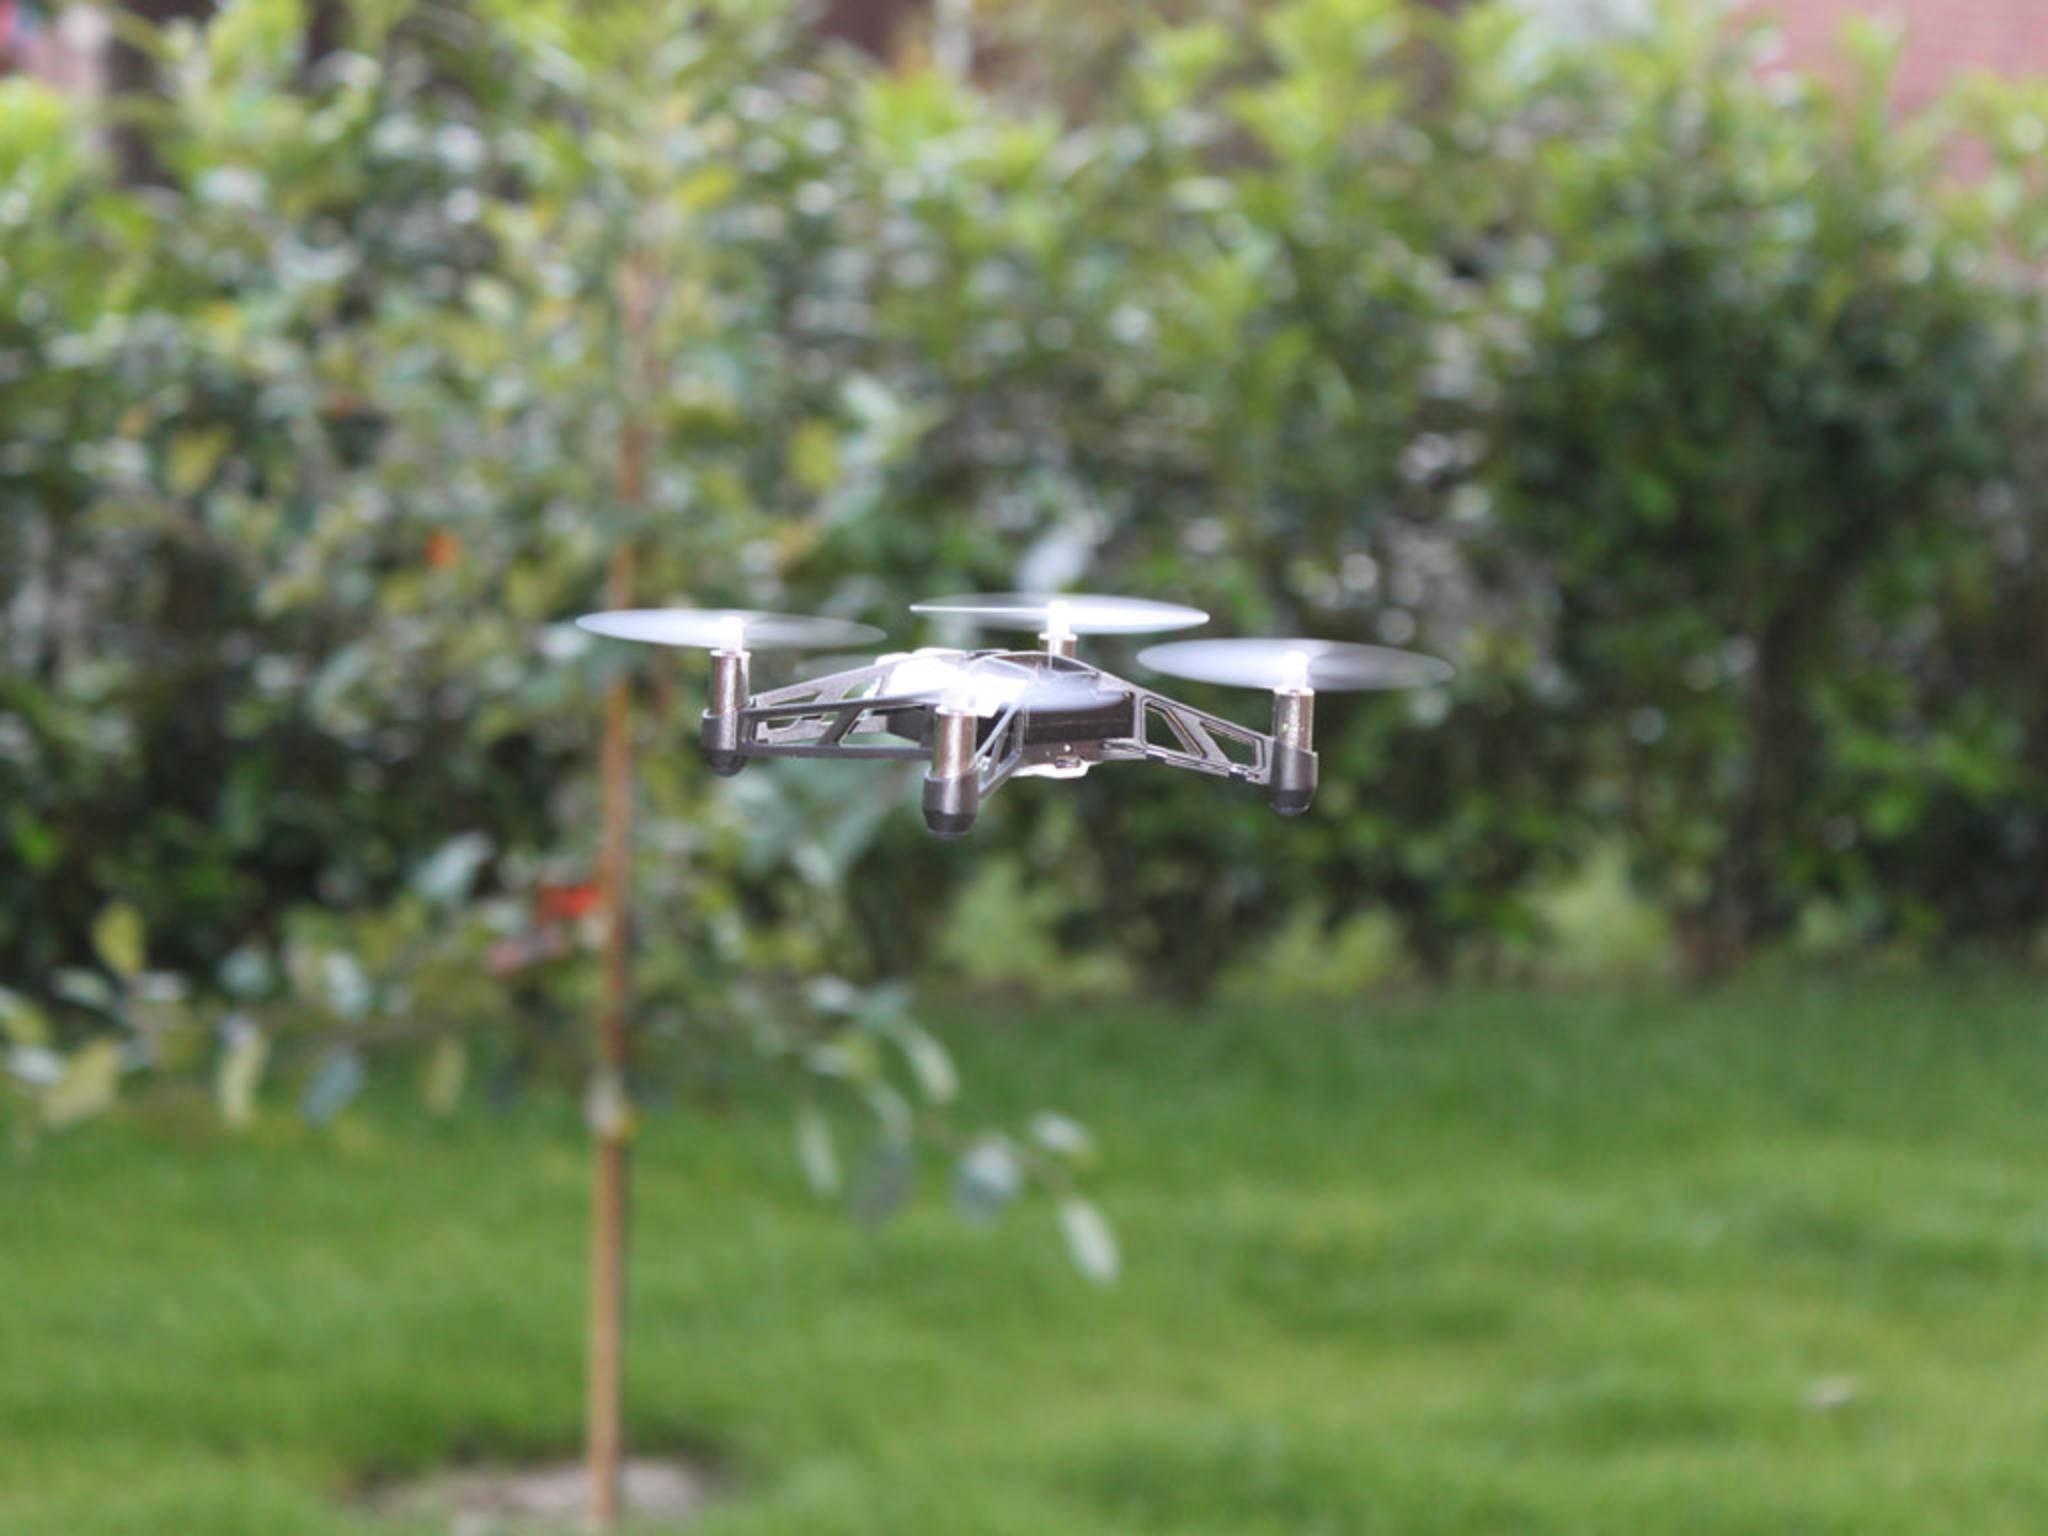 Parrot-Hydrofoil-Drone-Test